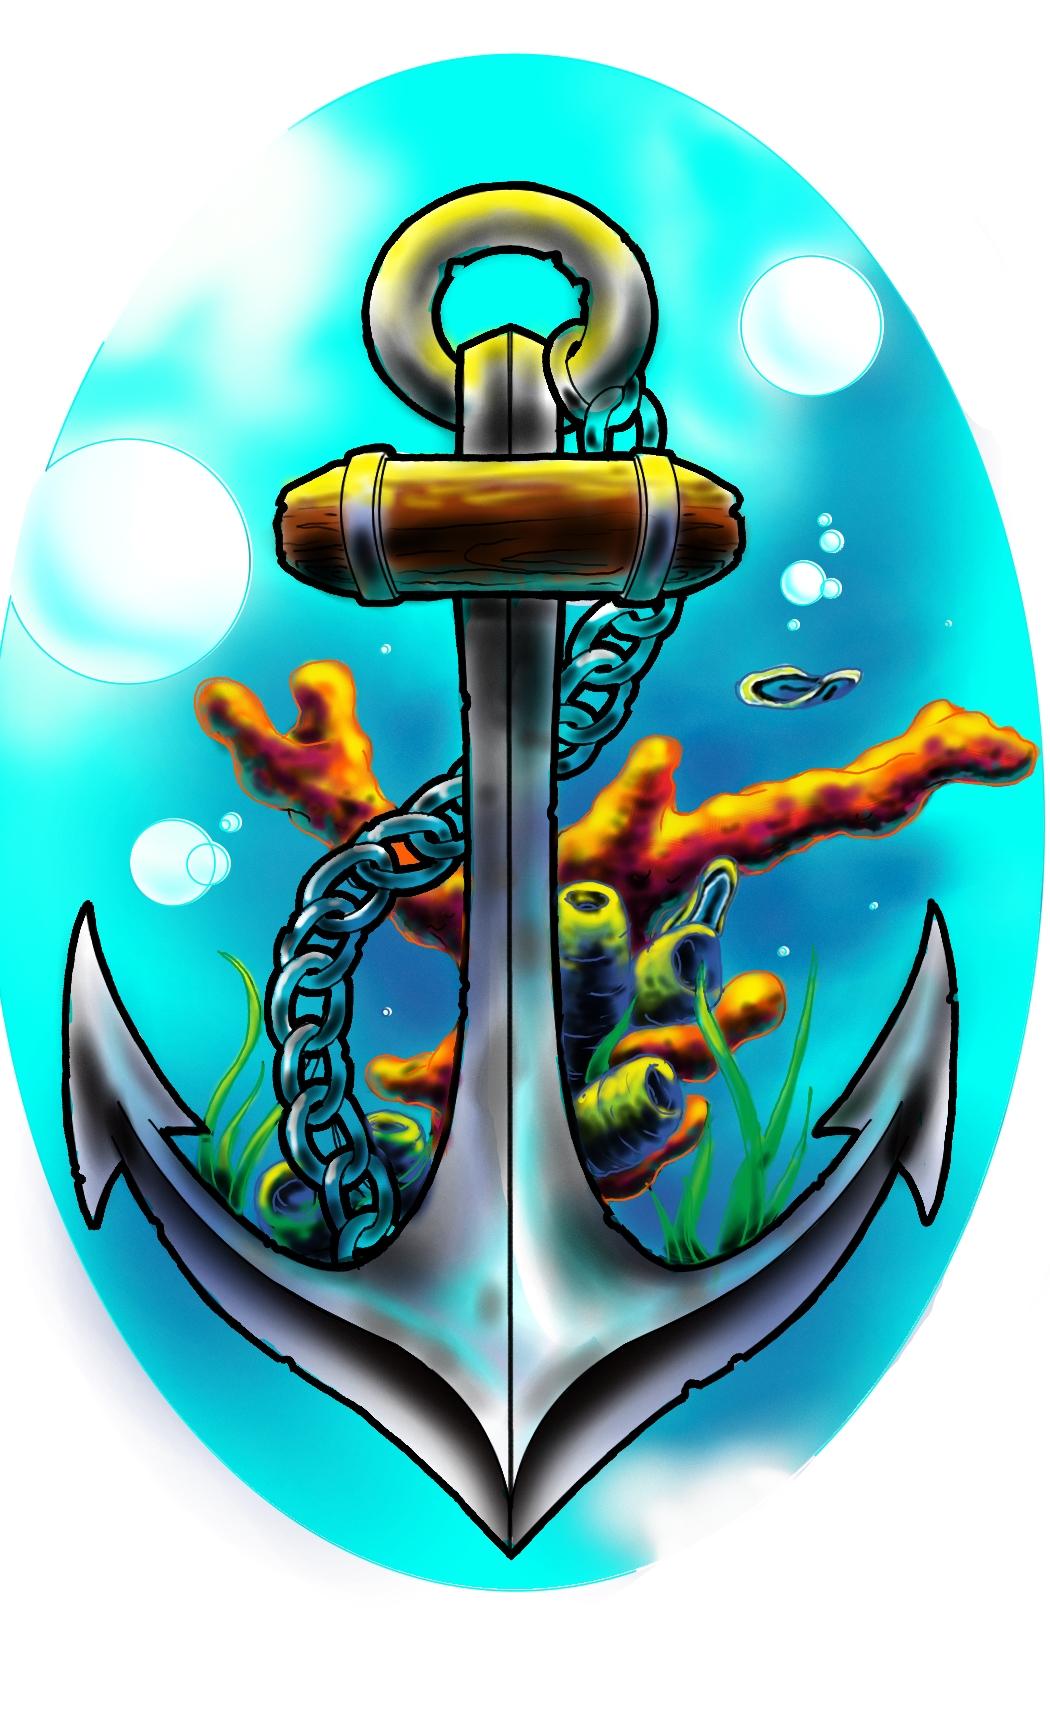 New school tattoo design - New School Underwater Anchor By Atdoodle New School Underwater Anchor By Atdoodle